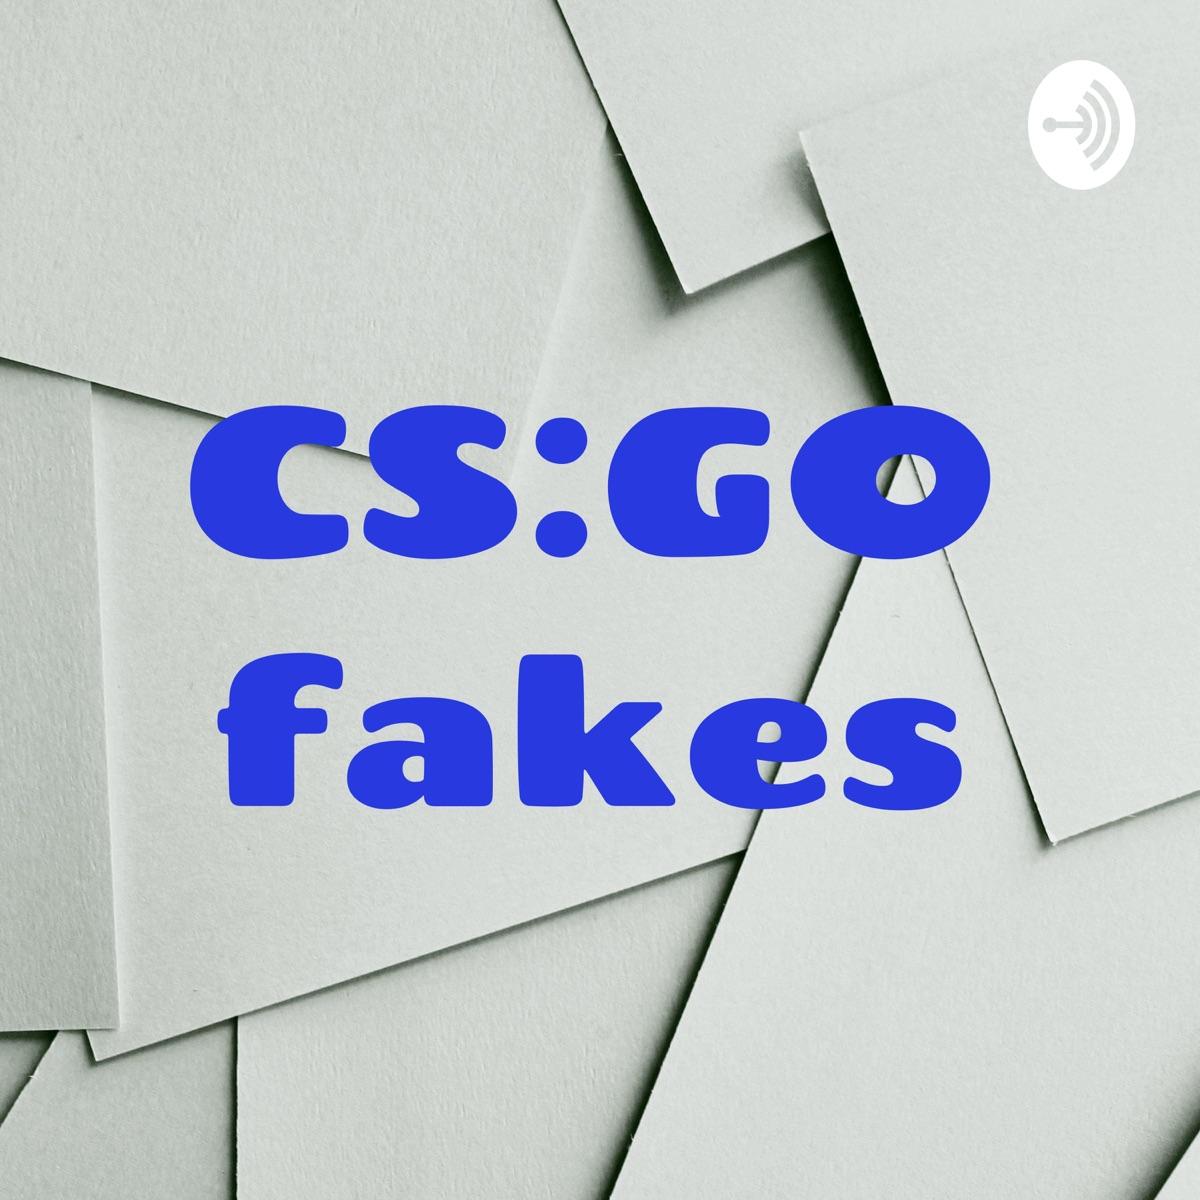 CS:GO fakes